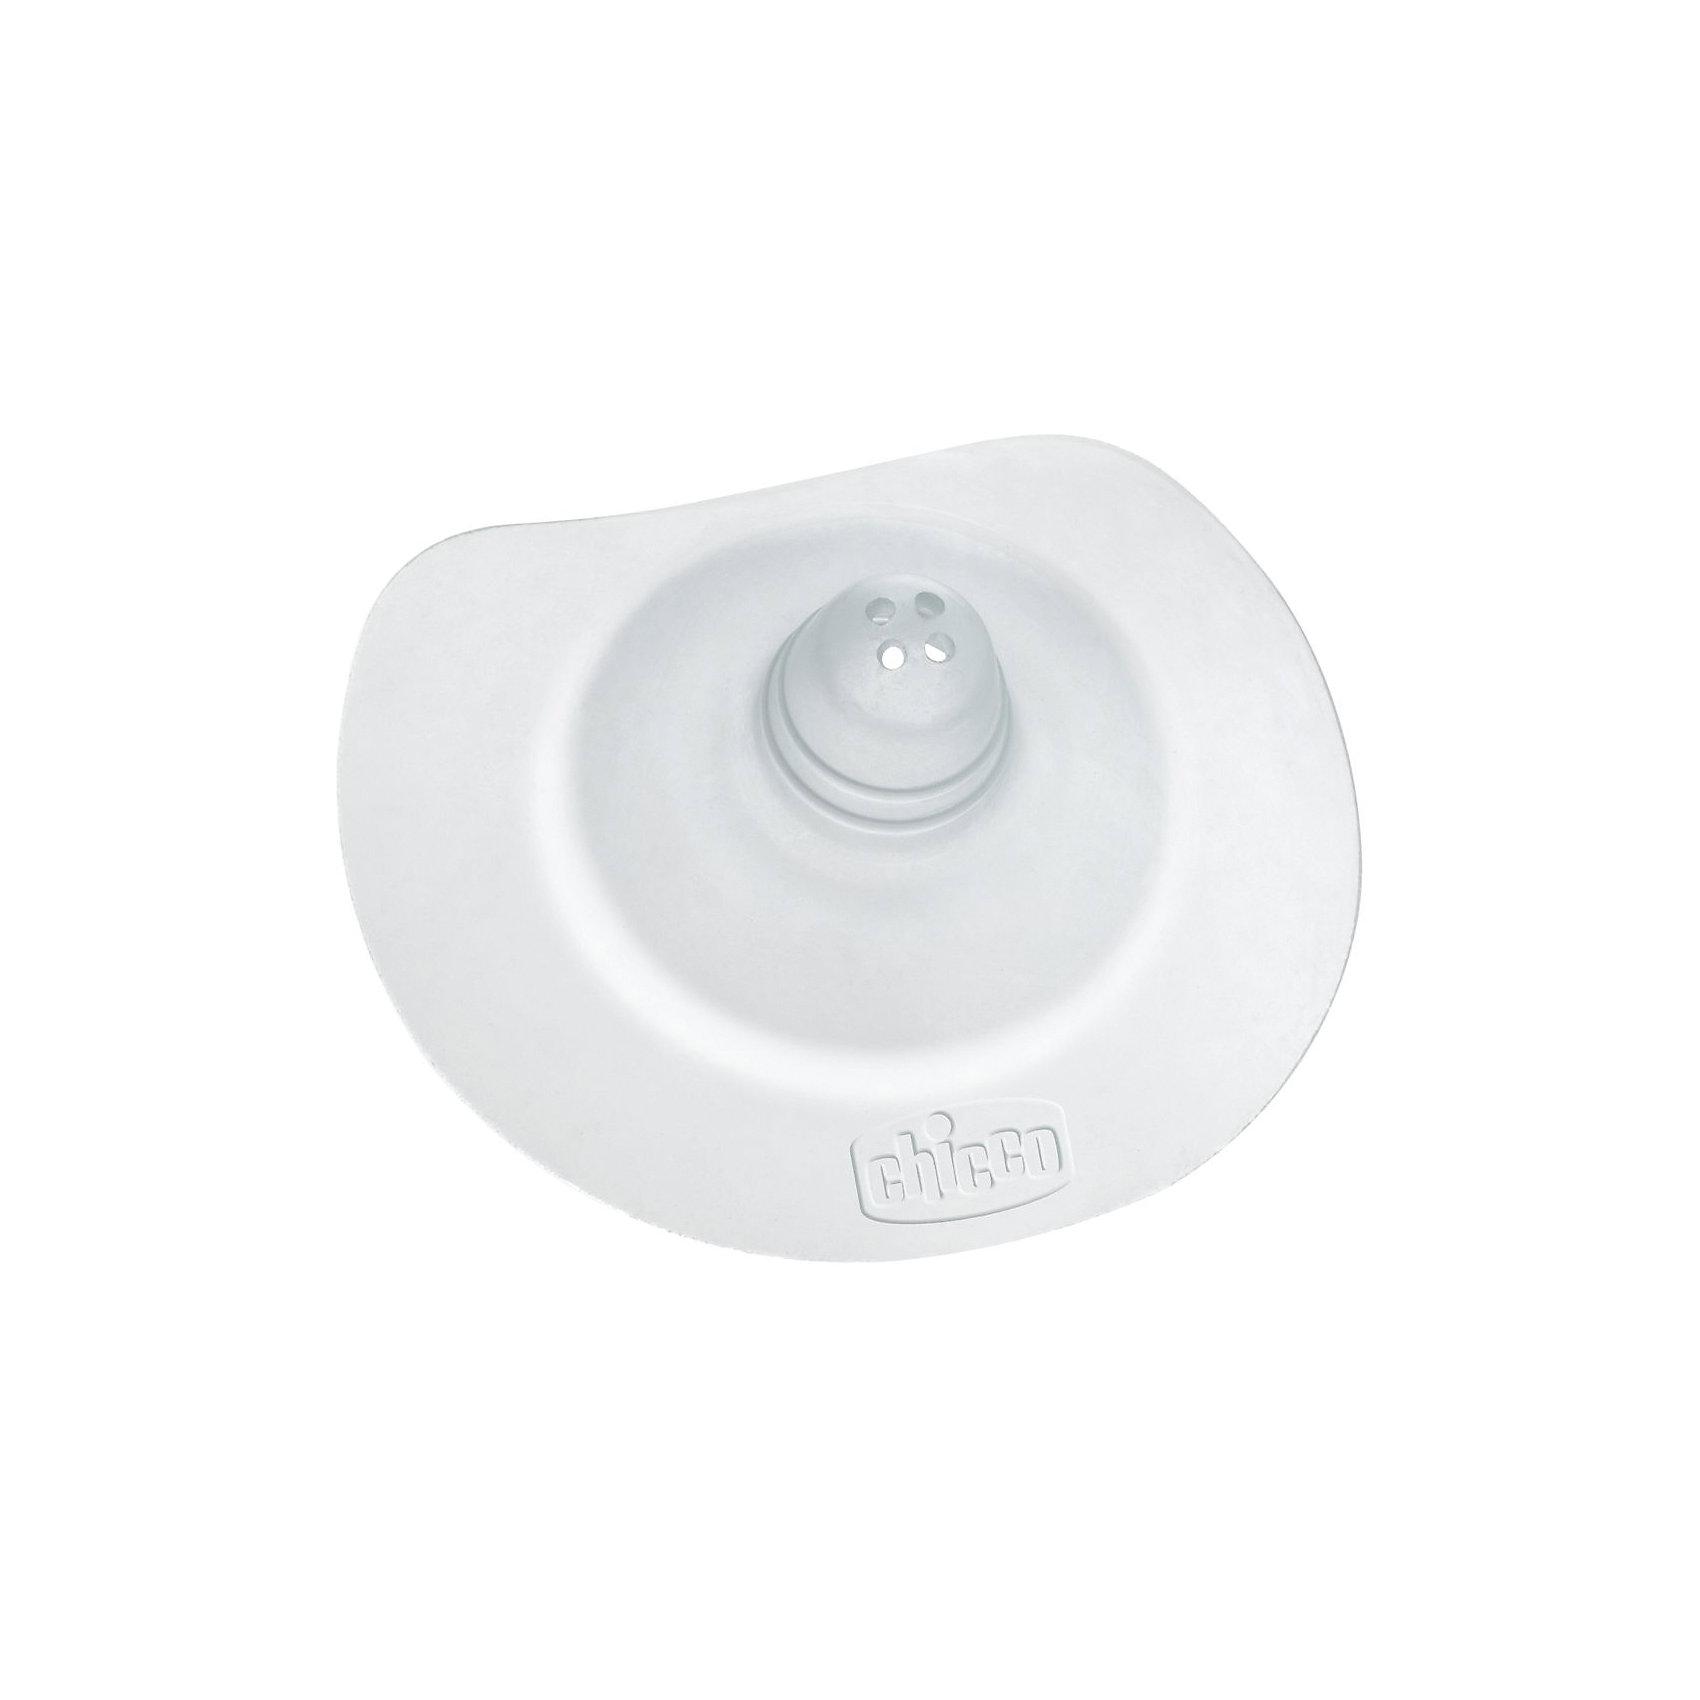 Накладки на соски силиконовые защитные, маленькие, 2шт., CHICCO